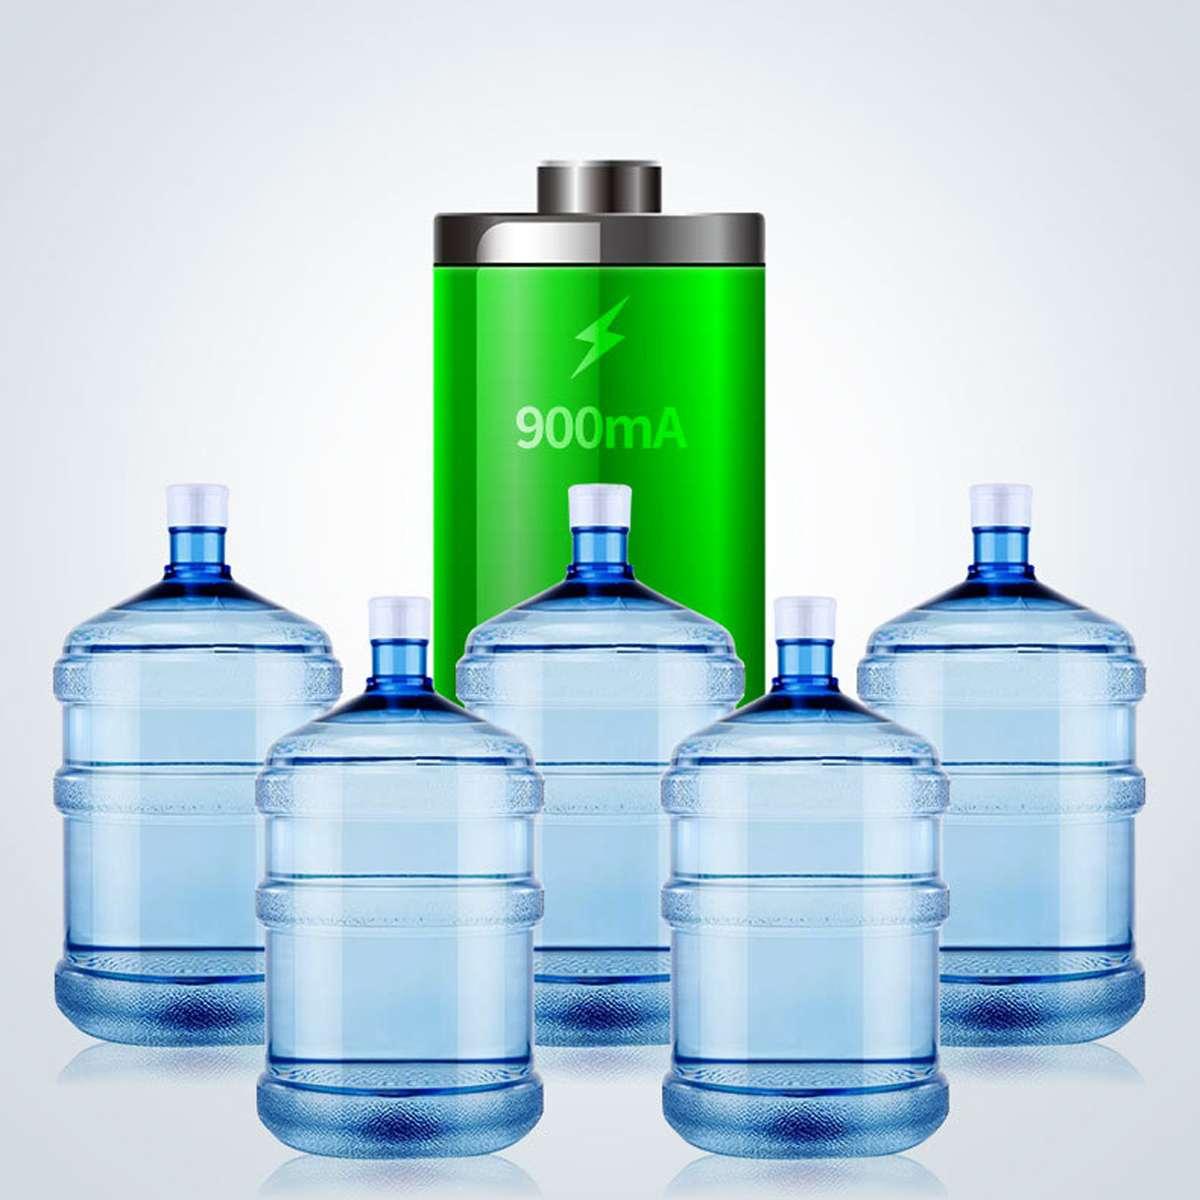 Ymiko Pompa USB Portatile per Acqua Potabile con distributore Automatico di Acqua con Controllo del Volume per Bottiglia da 5 galloni